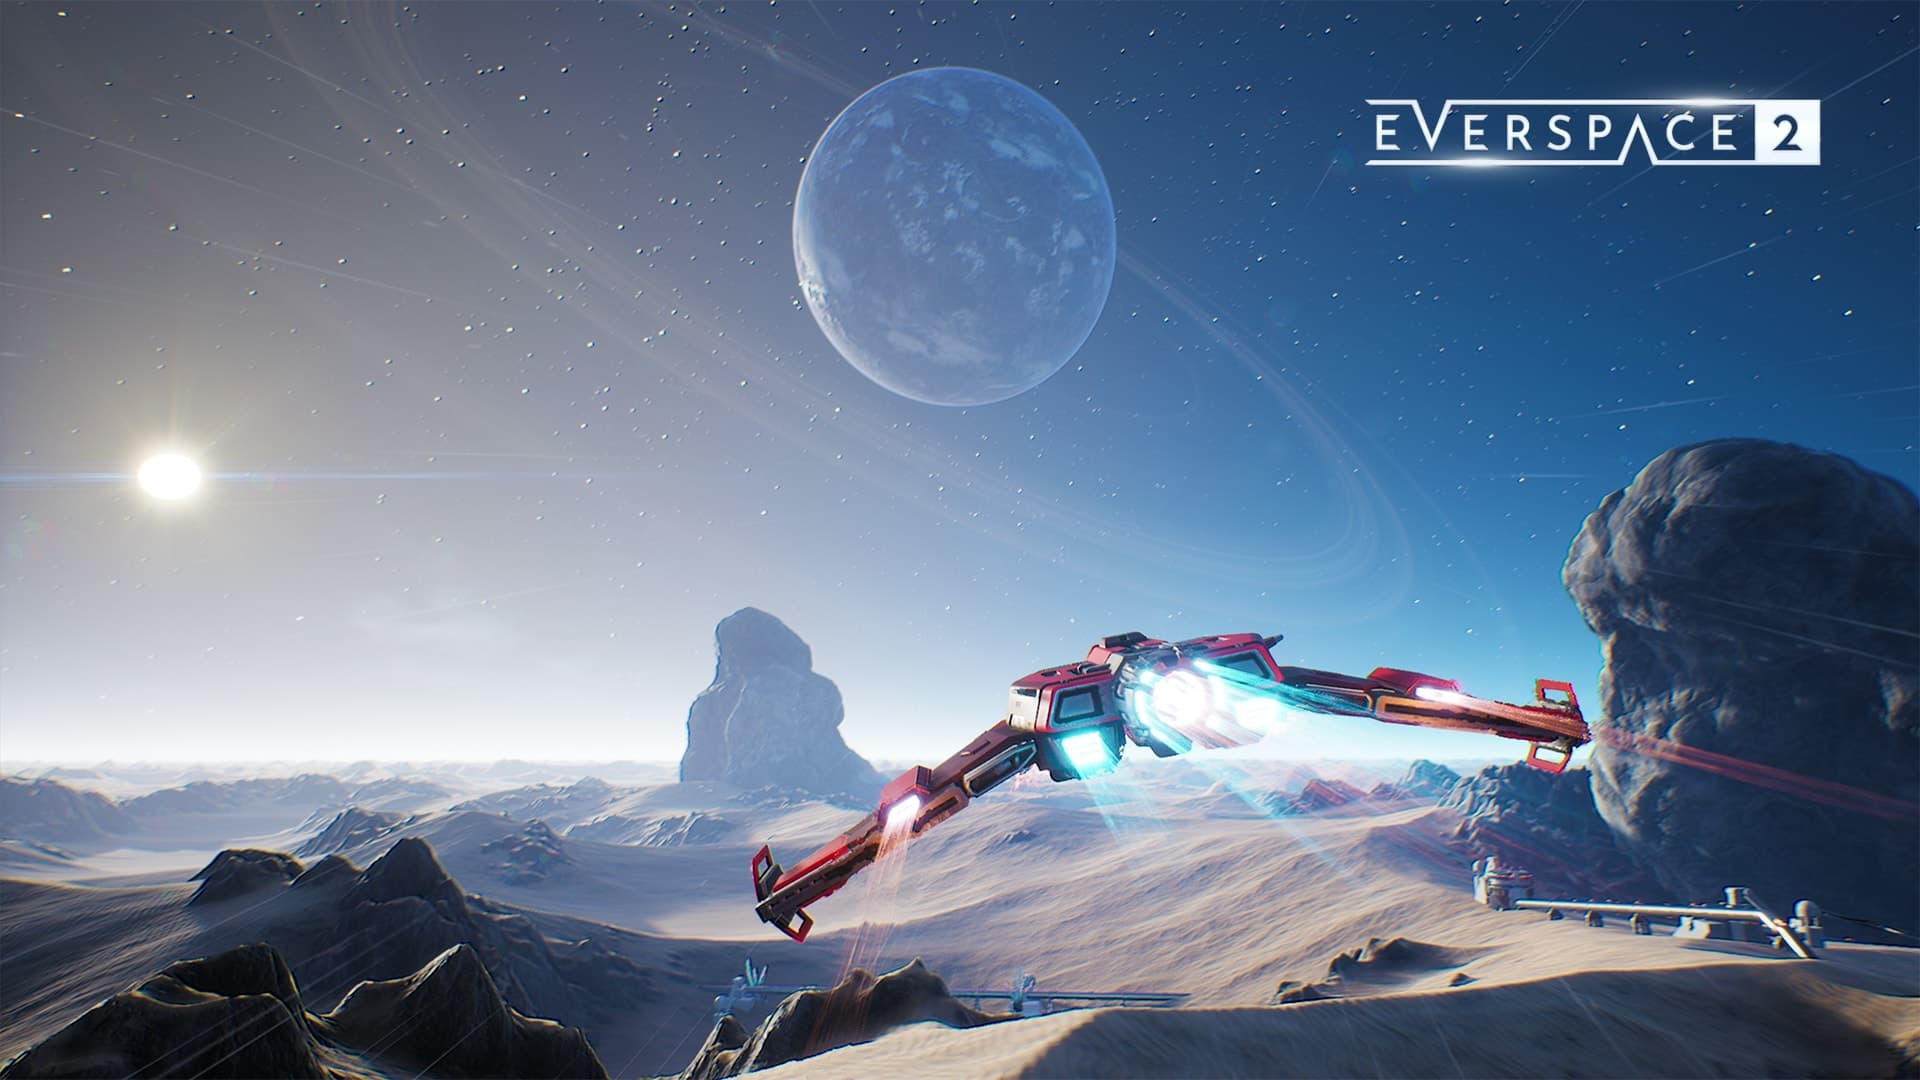 《永恒空间2》主机版可达4K分辨率 1080P有增强效果